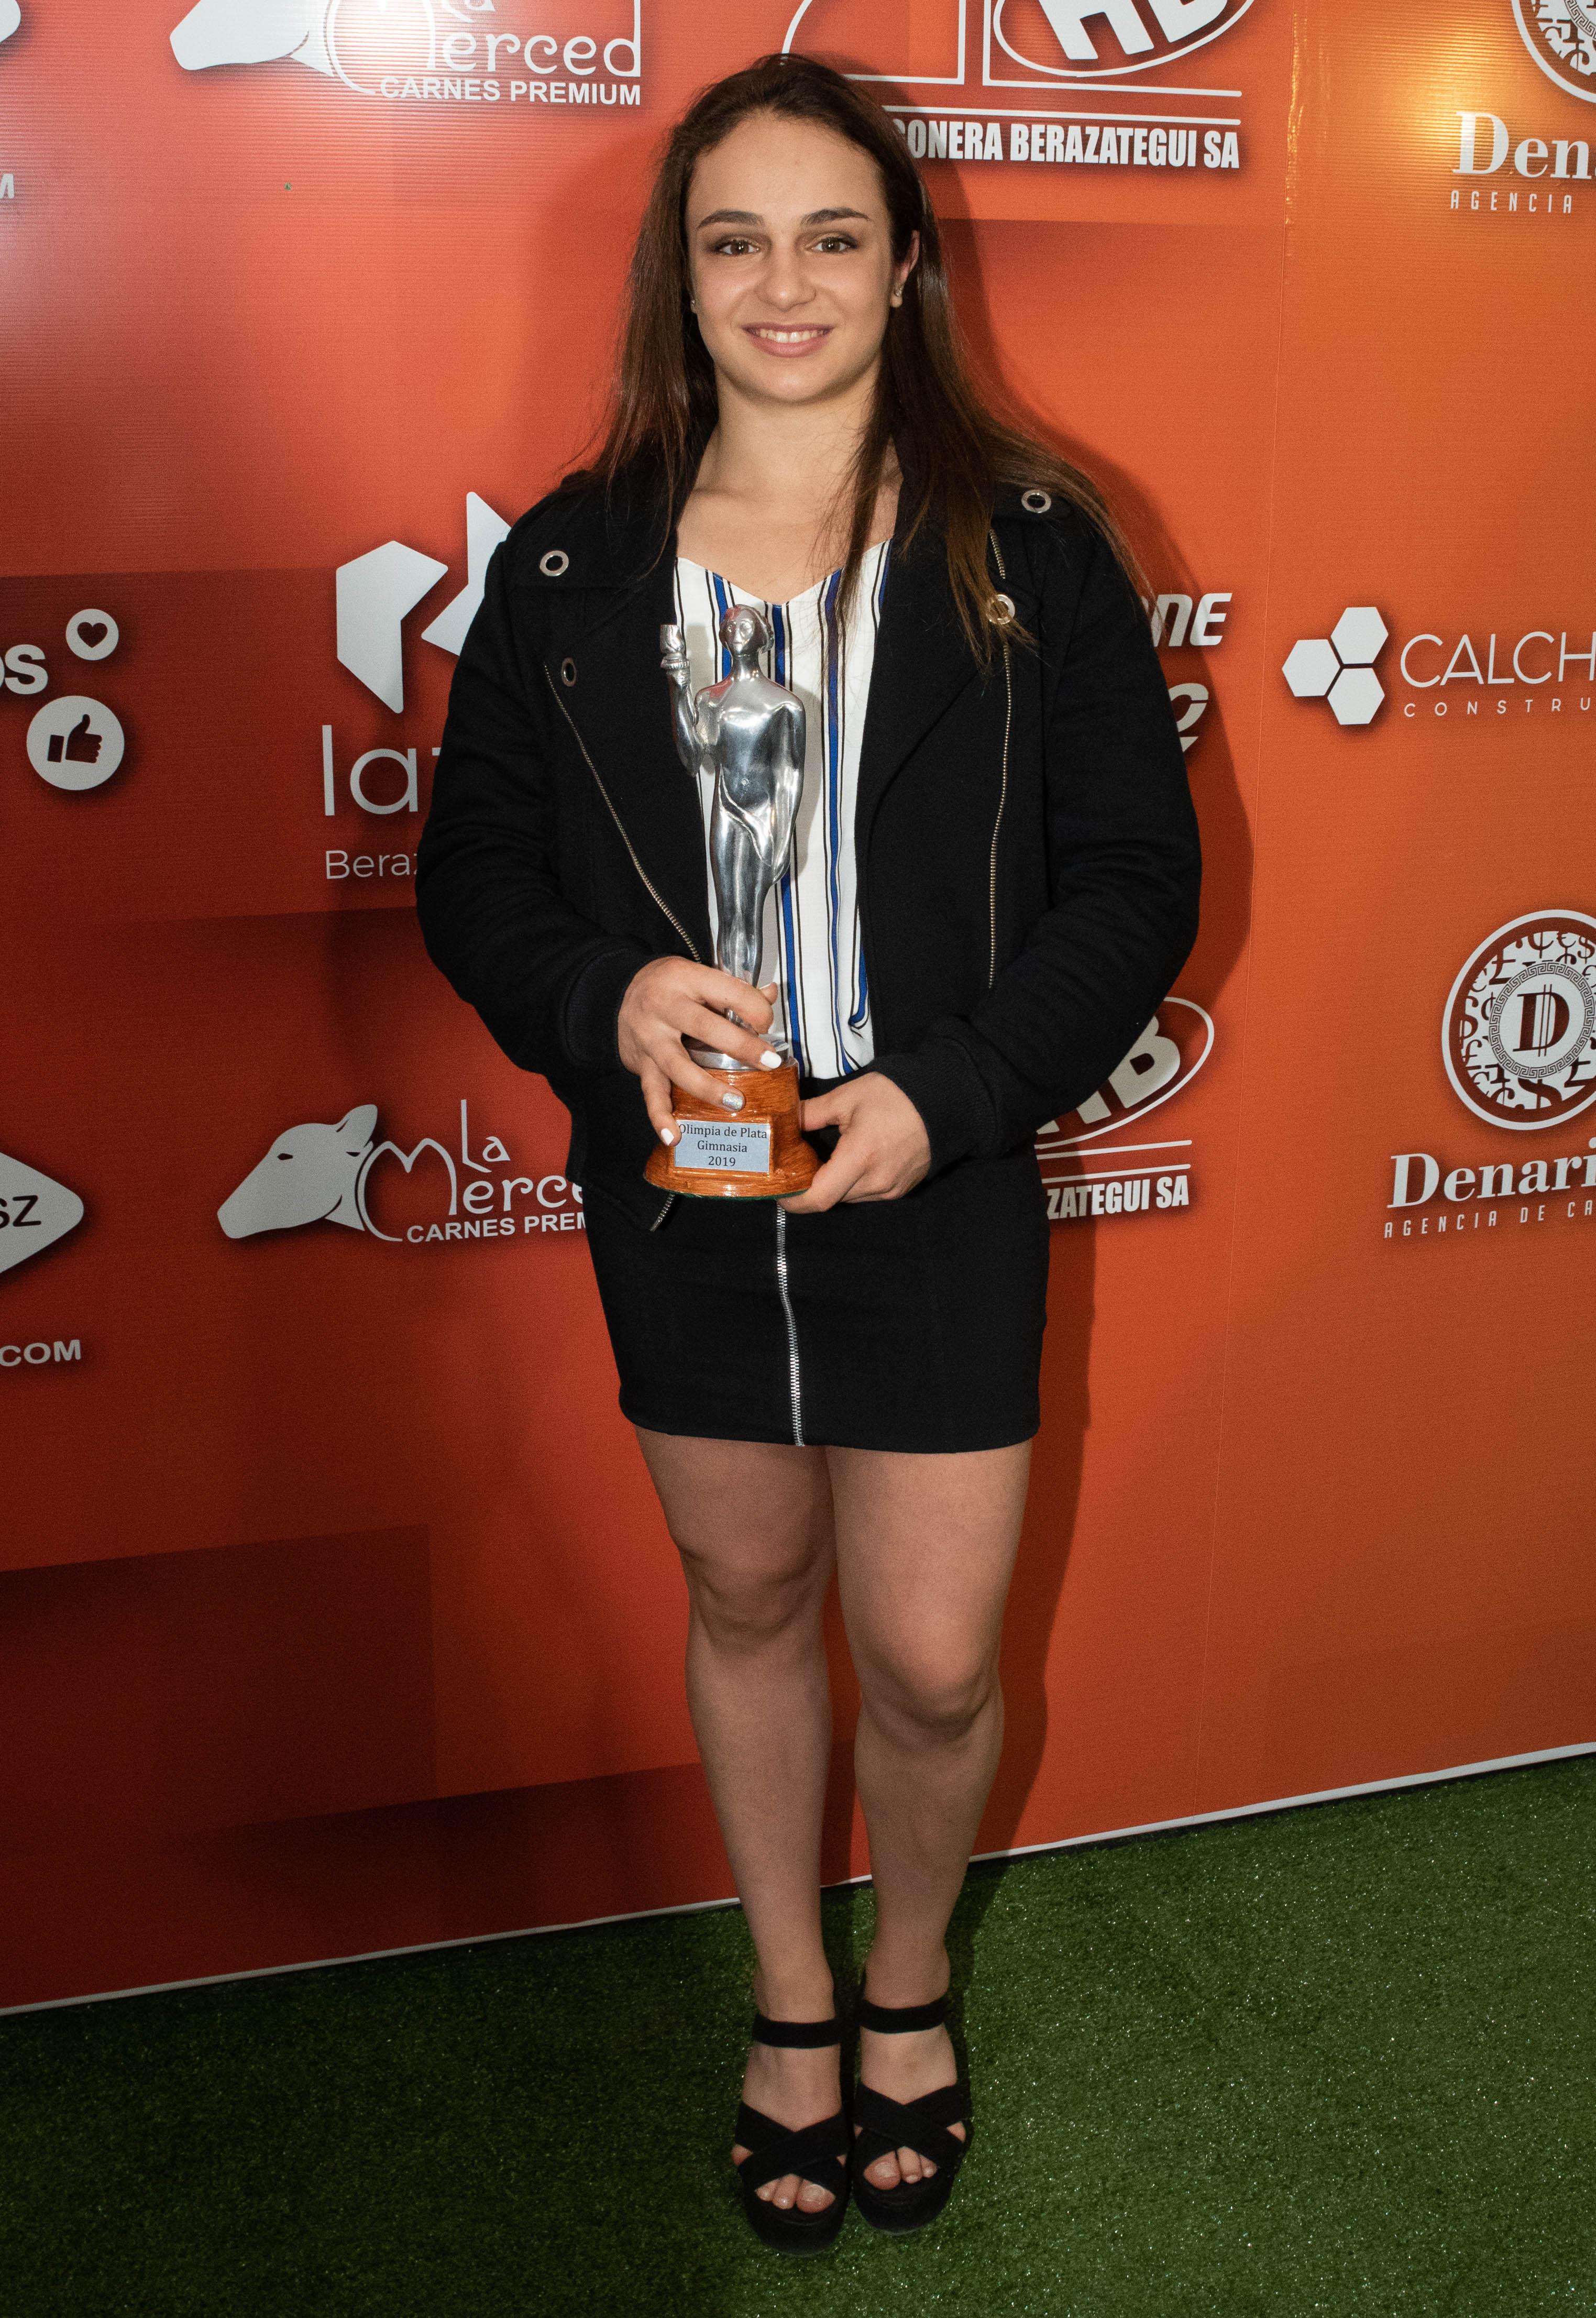 Martina Dominici ganó el premio en gimnasia.